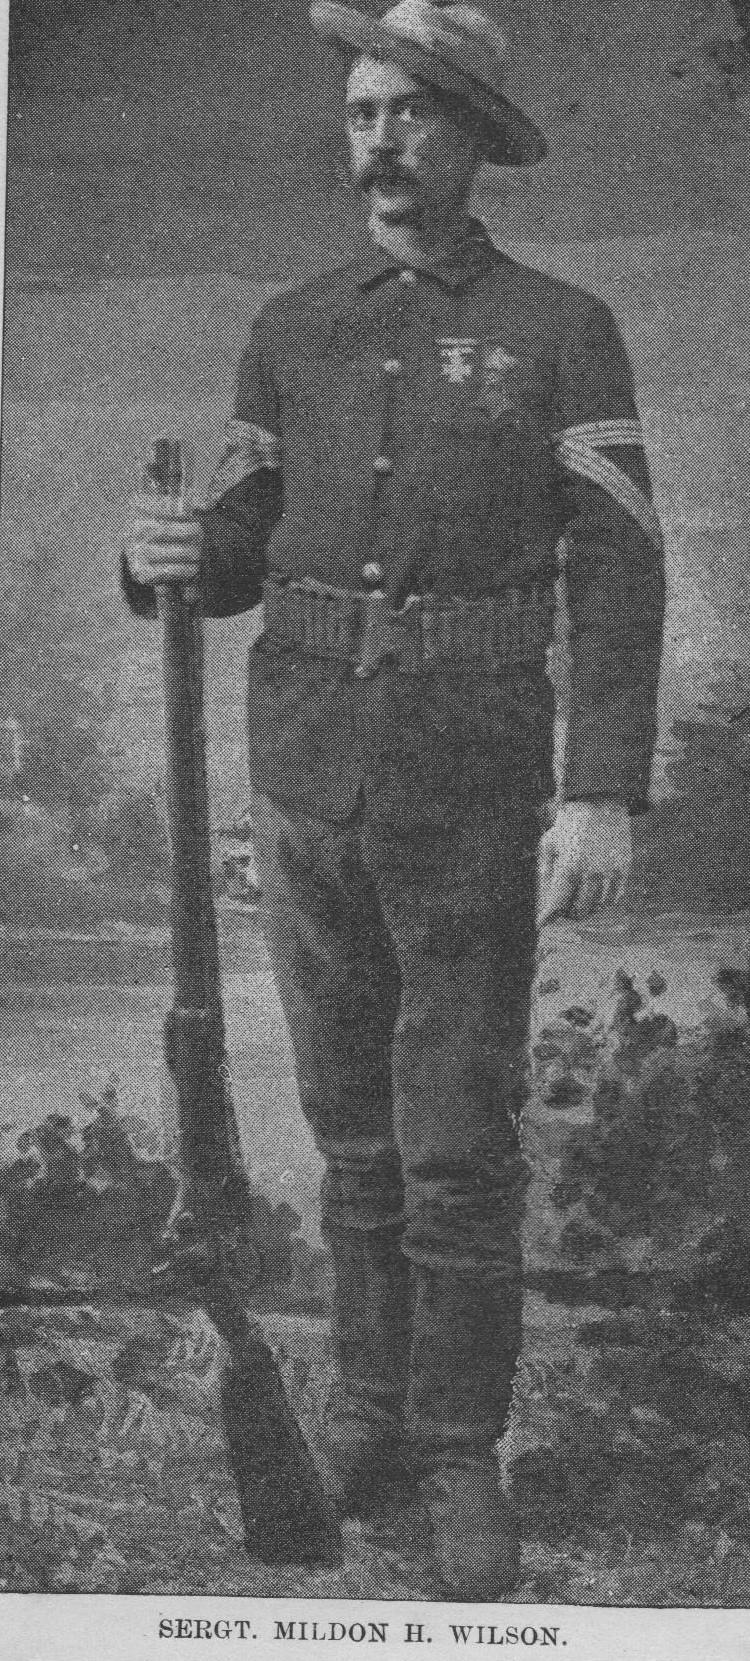 Sgt. Milden H. Wilson